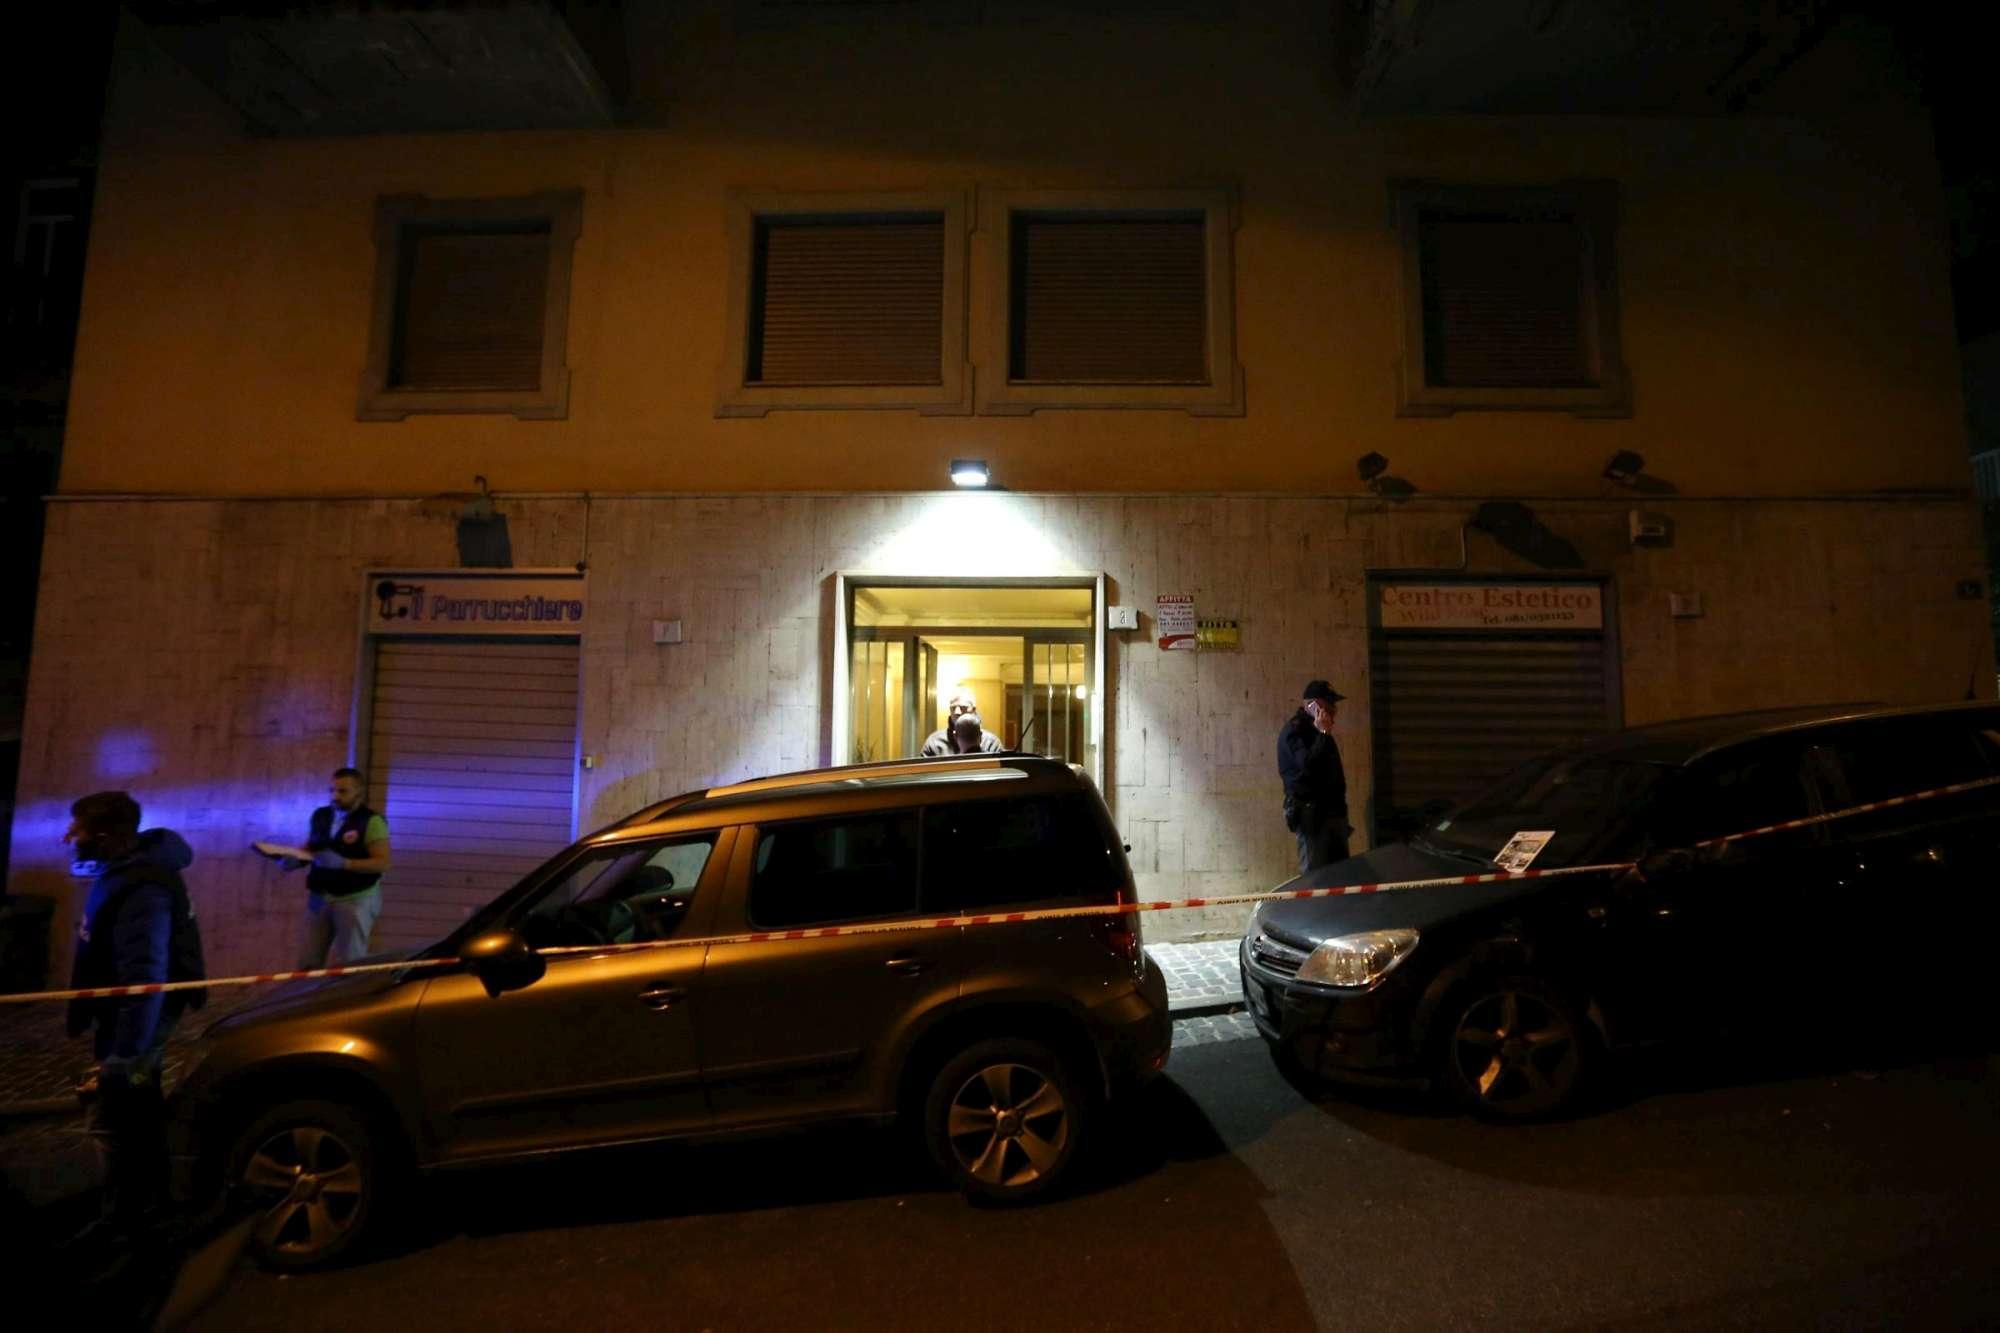 ingegnere-51enne-assassinato-a-napoli-lomicidio-e-avvenuto-sotto-casa-sua-nel-quartiere-di-chiaia